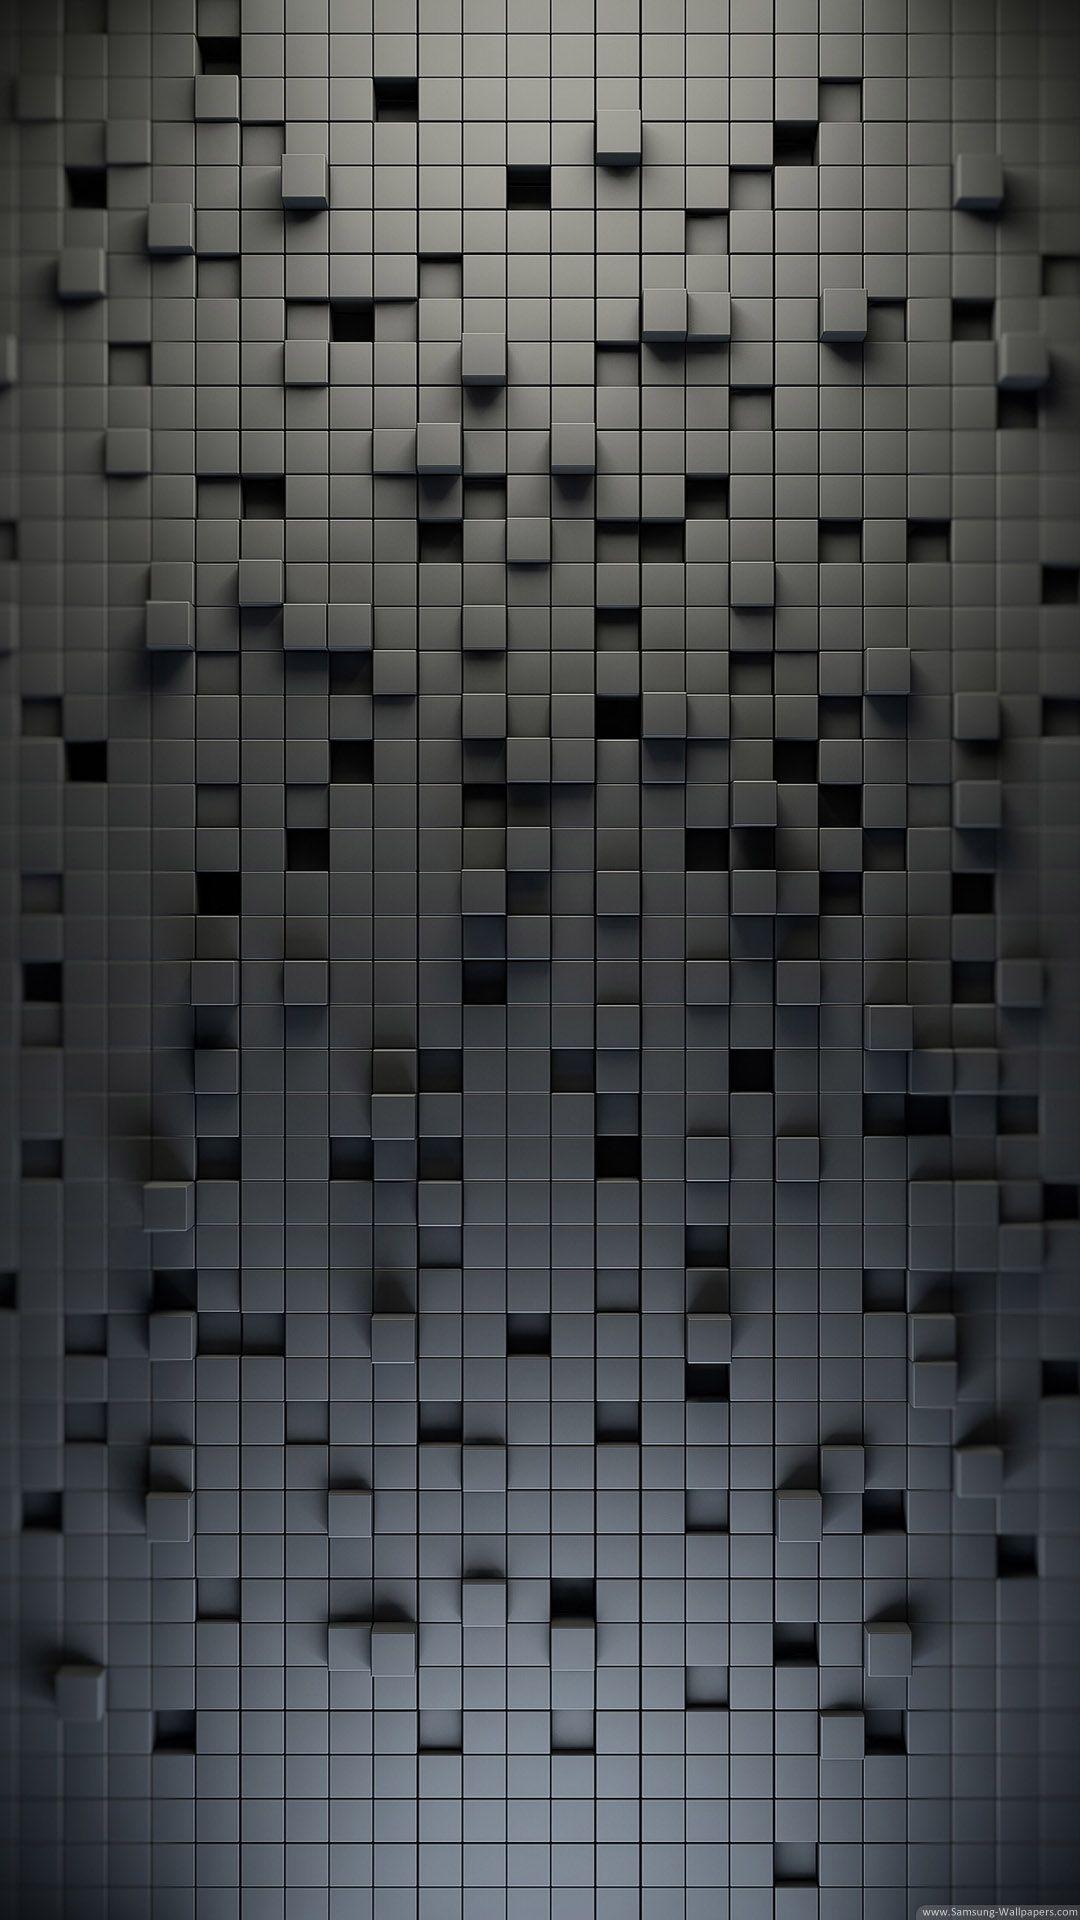 3d Black Lattice Pattern Iphone 6 Plus Hd Wallpaper Ipod Wallpaper